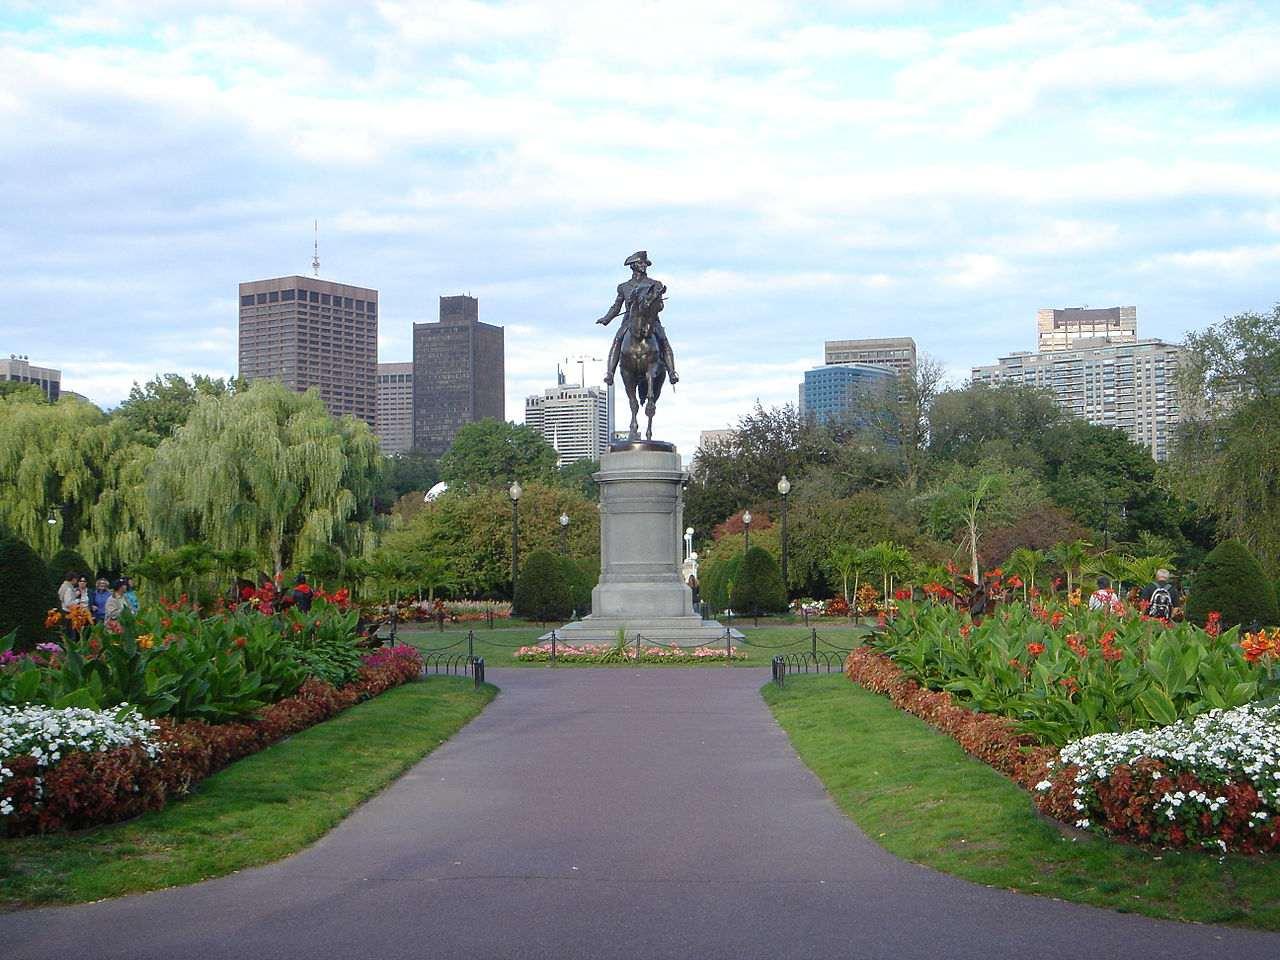 Das Boston Public Garden Blick nach Osten von der Arlington Street Eingang, mit der Skyline von Boston Finanzvierteln